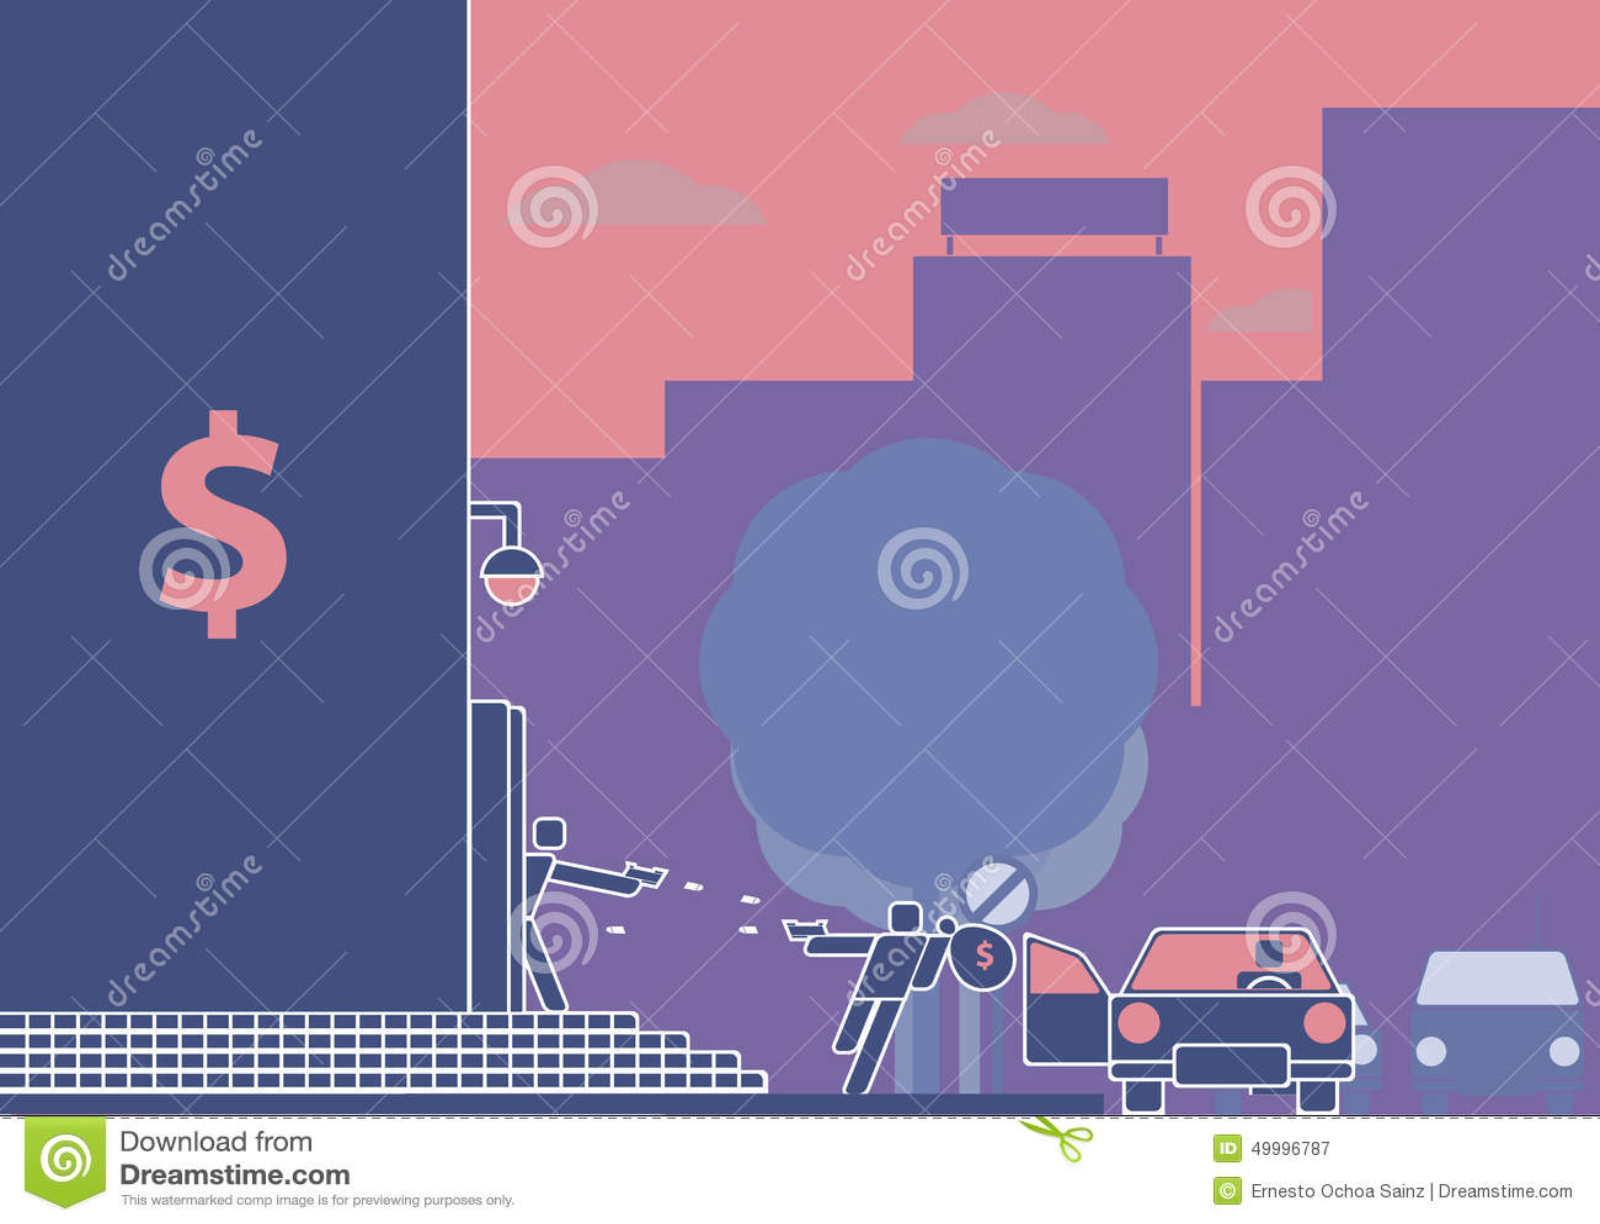 Ограбление банка или вооружённое ограбление в прогрессе Пиктограмма/плоский стиль дизайна